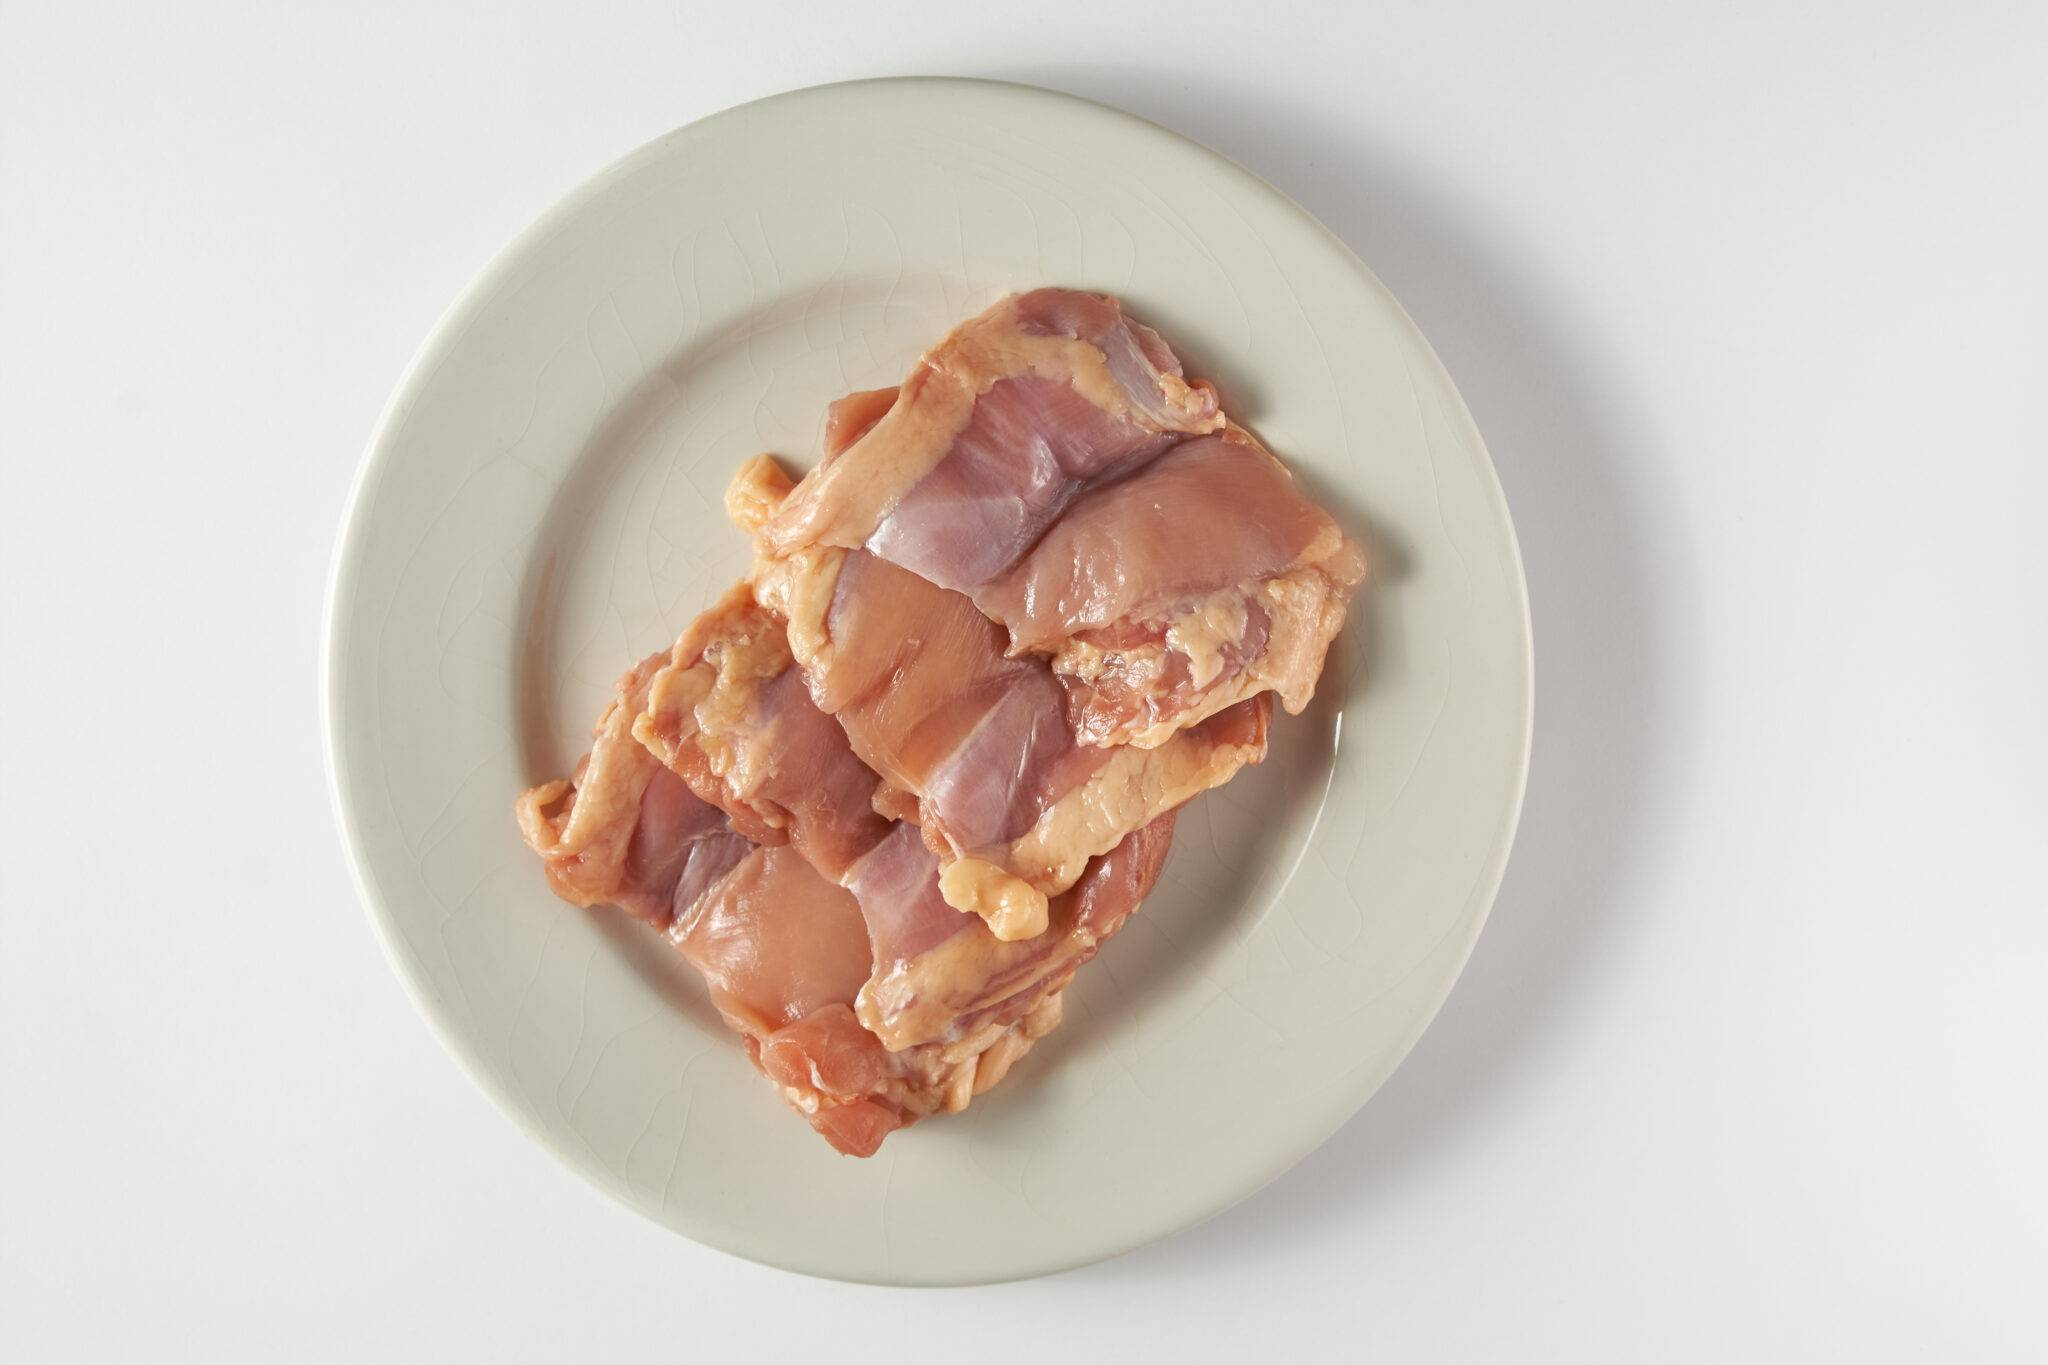 Vleesch & Co kippendijfilet kippendij